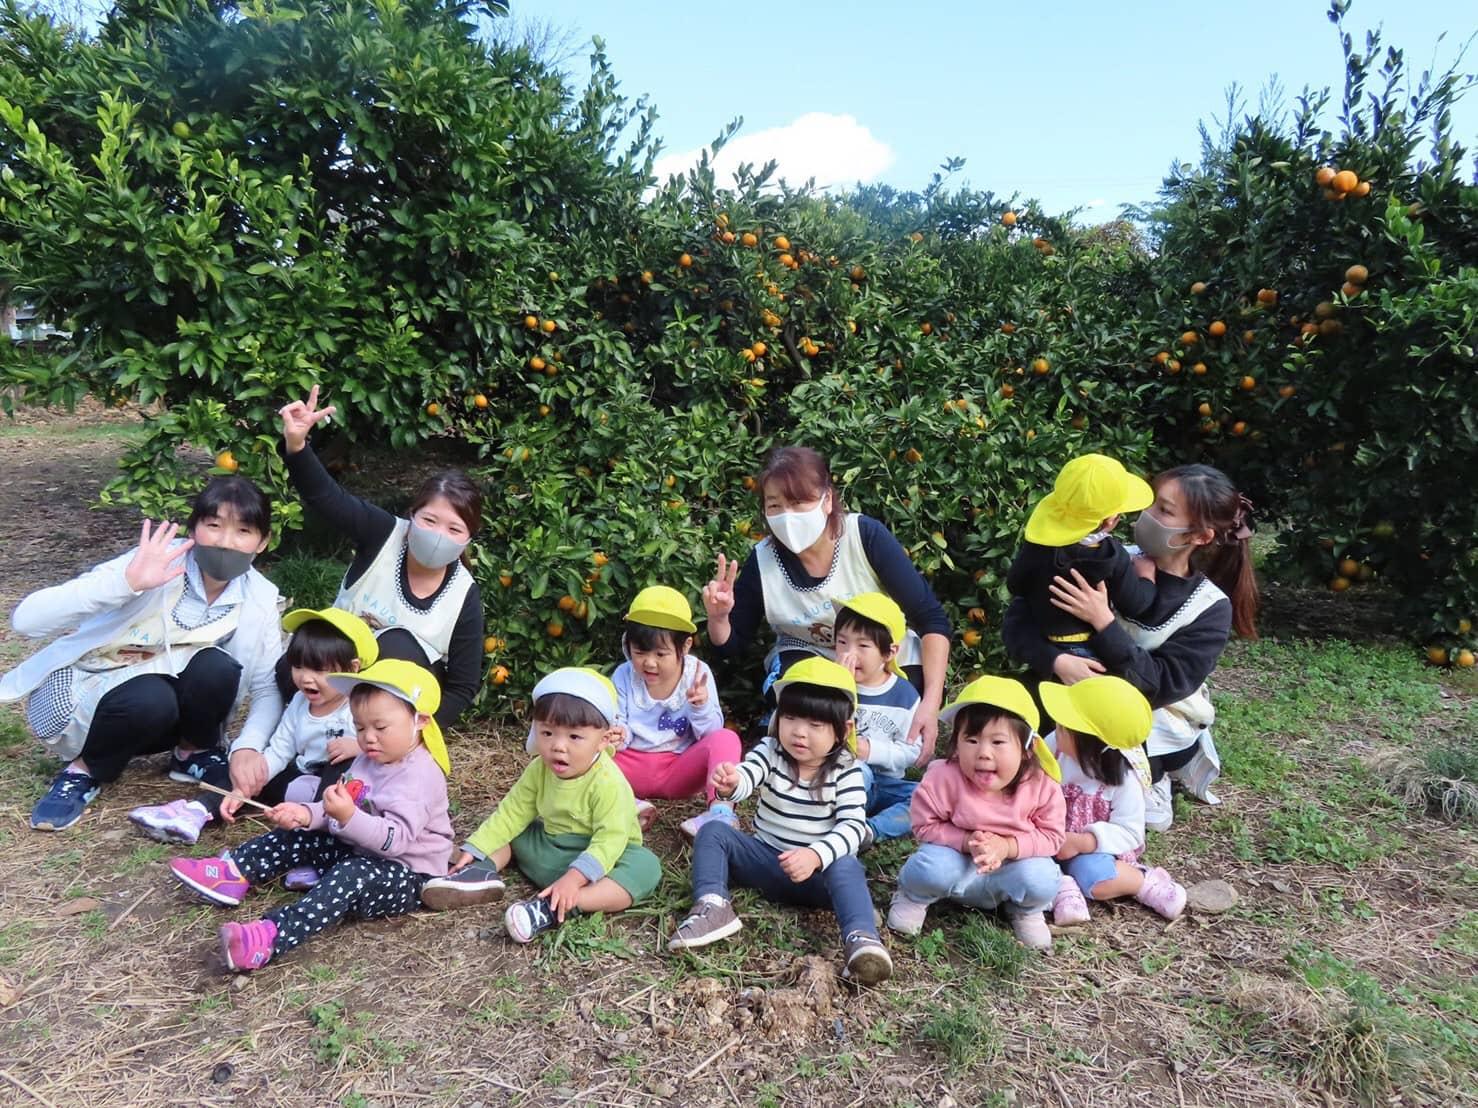 保護中: みかん狩り🍊山科園 キャッチ画像